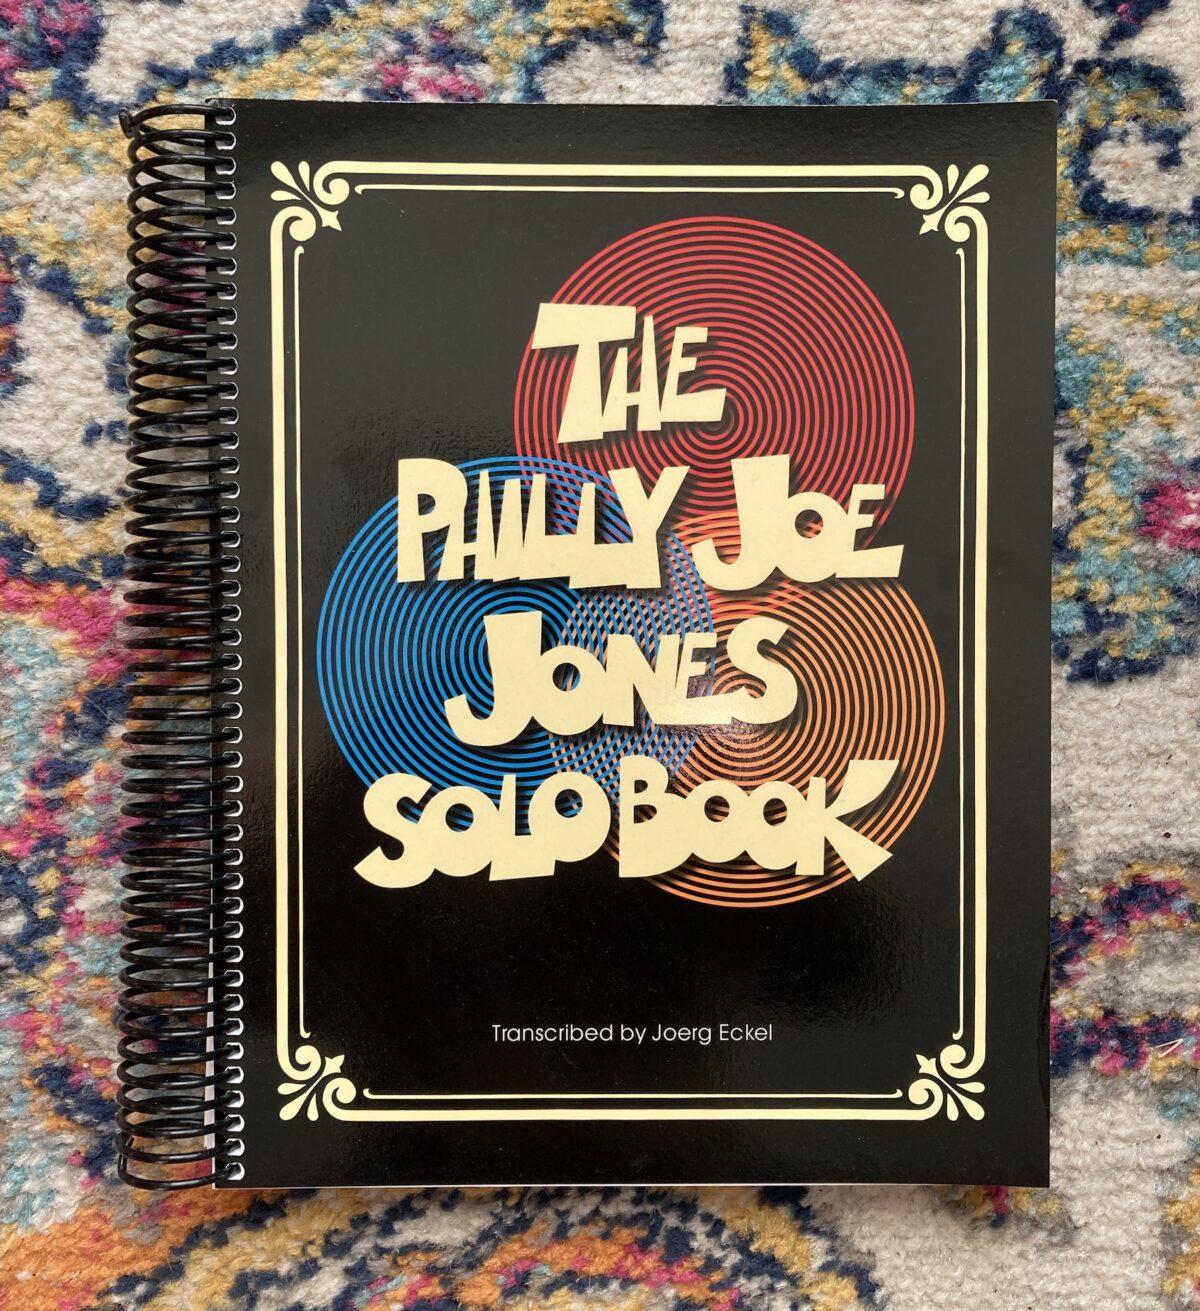 Philly Joe Jones Solo Book (update)